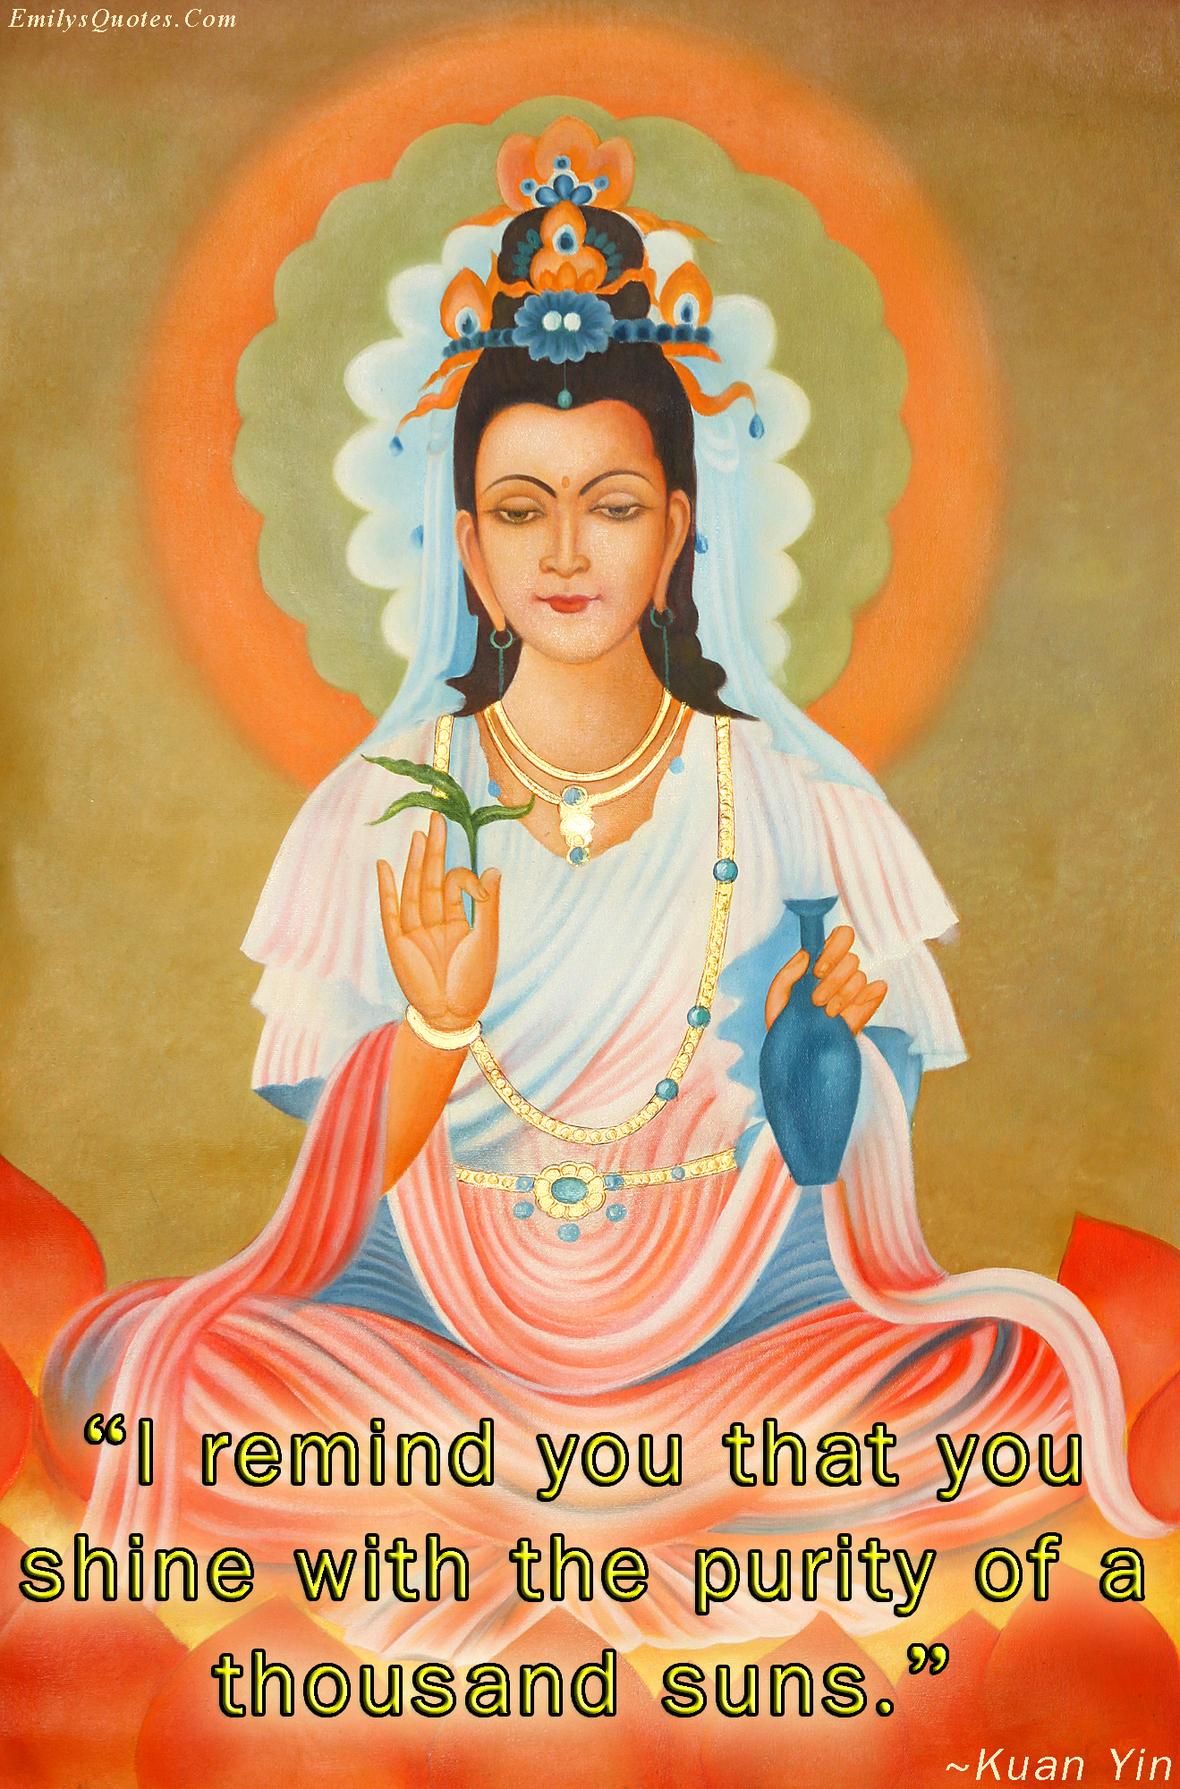 EmilysQuotes.Com-amazing-great-inspirational-motivational-encouraging-Kuan-Yin